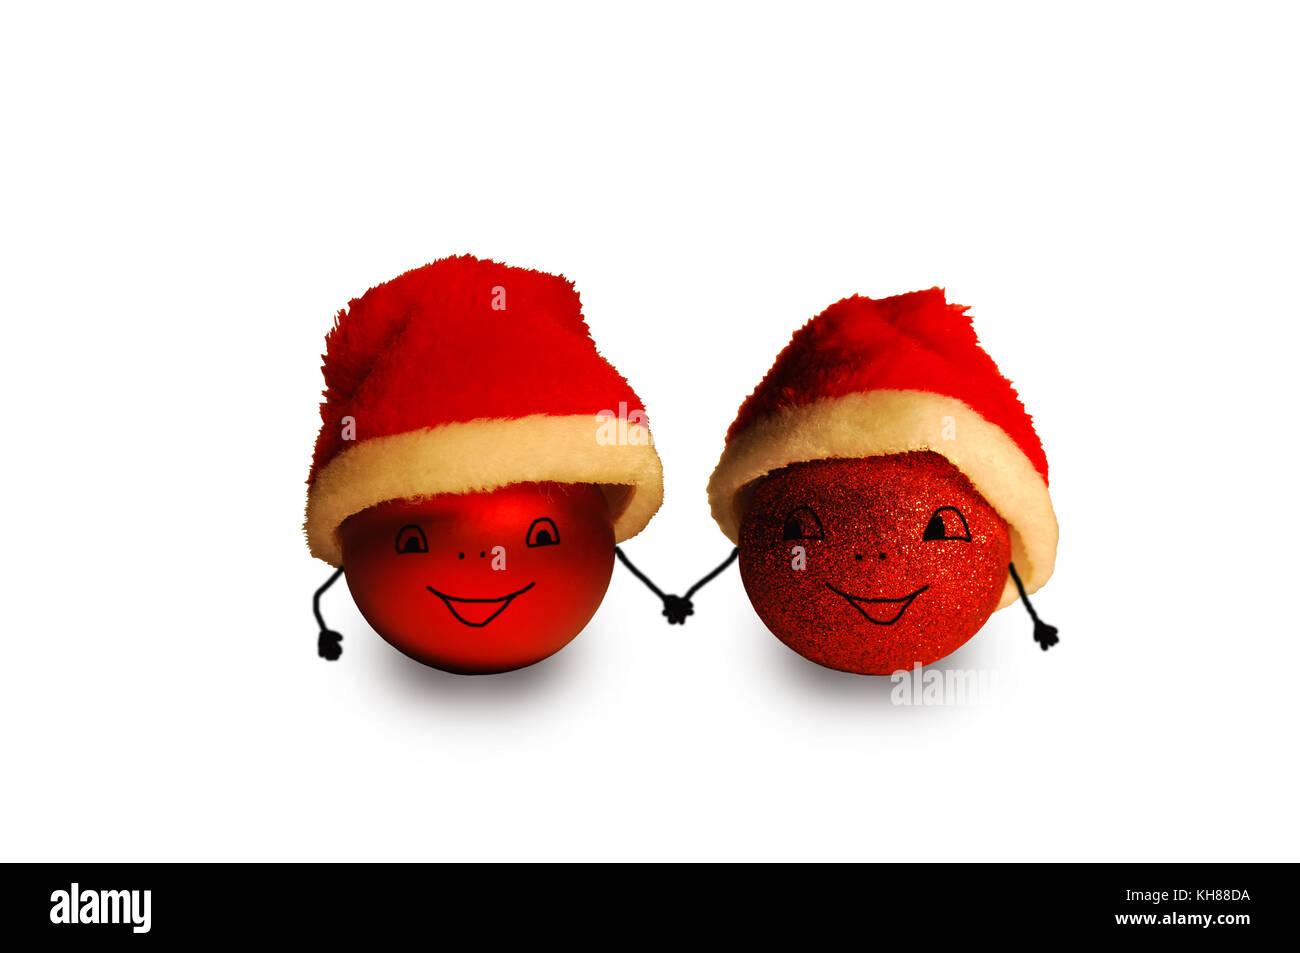 Lustige Weihnachtskugeln.Zwei Rote Weihnachtskugeln In Santa Claus Hüte Mit Bemalten